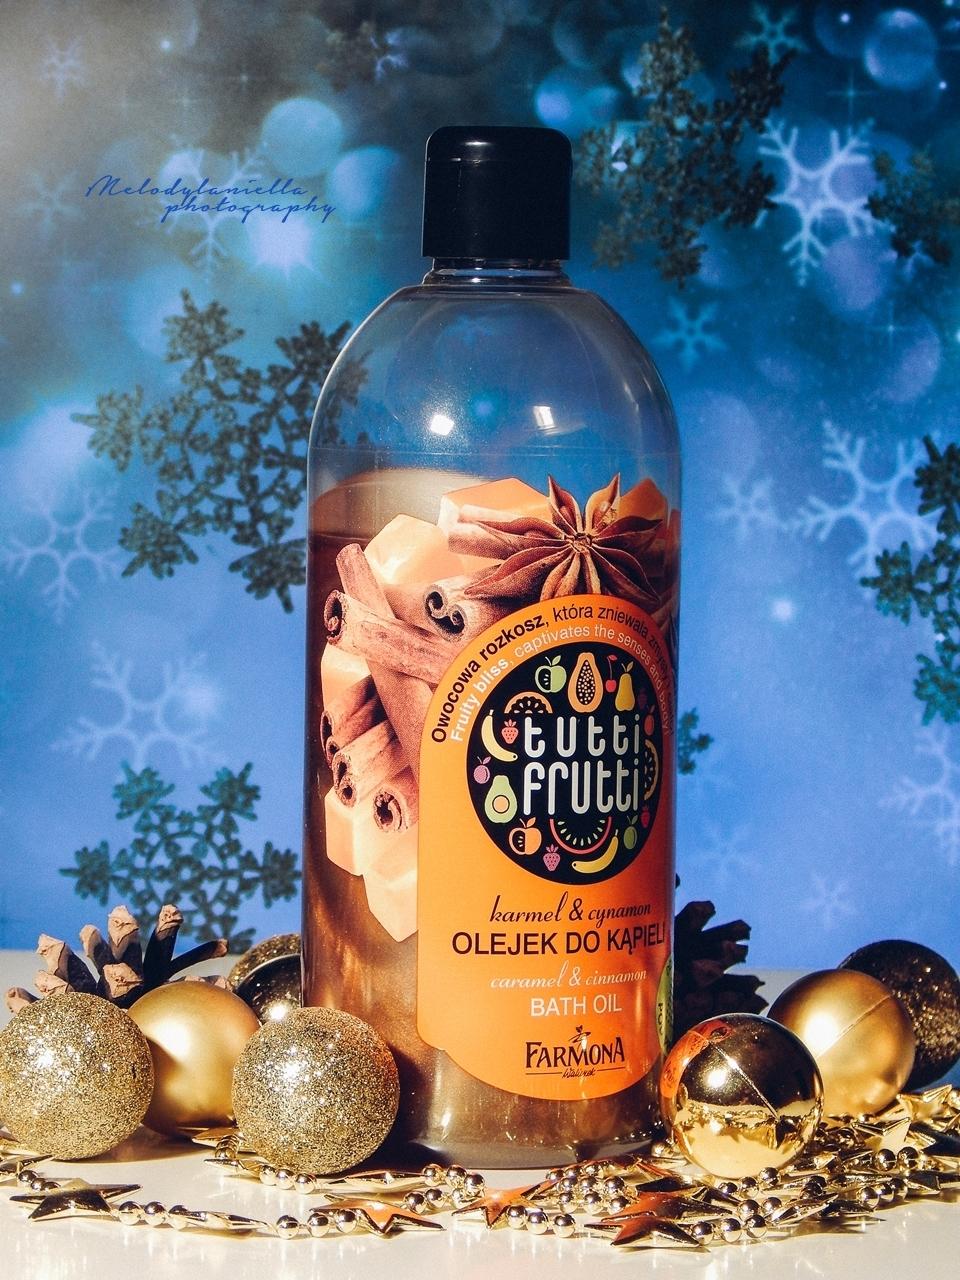 tutti frutti olejek do kapieli karmer cynamon bath oil zapach swiat slodkosci w kapieli prysznic uroda cialo zapach